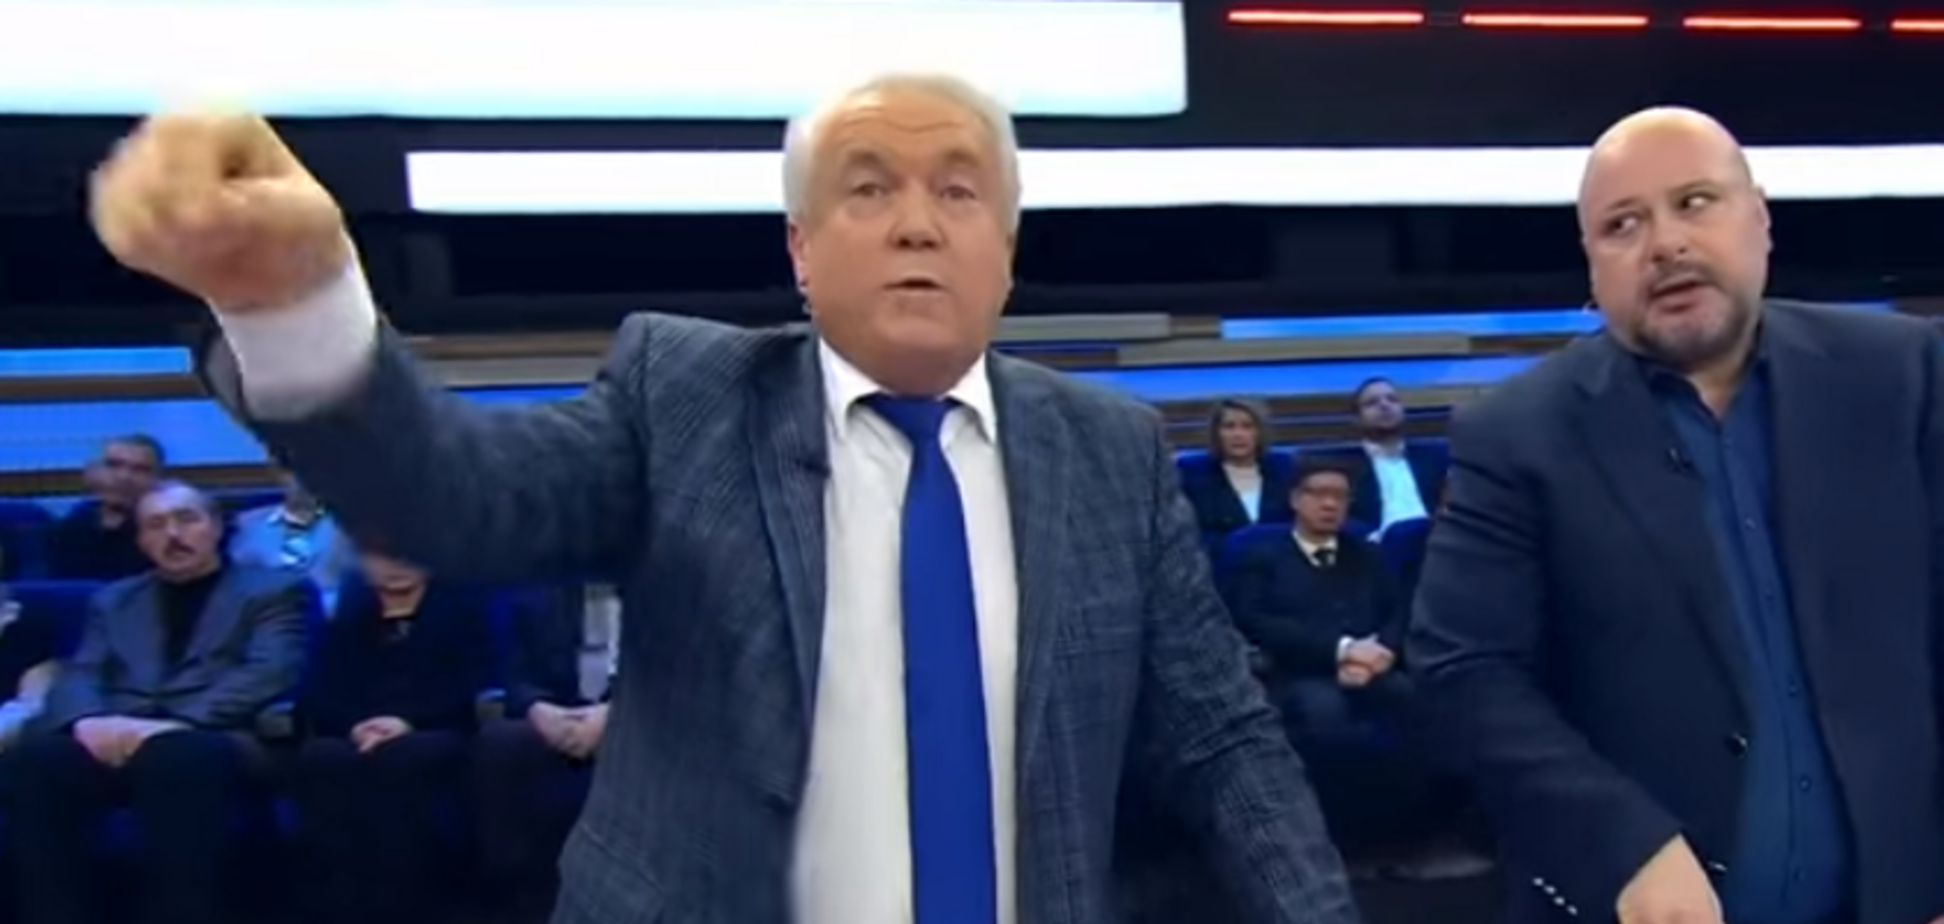 ''Топят дровами!'' Беглый экс-регионал выдал фейк о ''замерзающей'' Украине